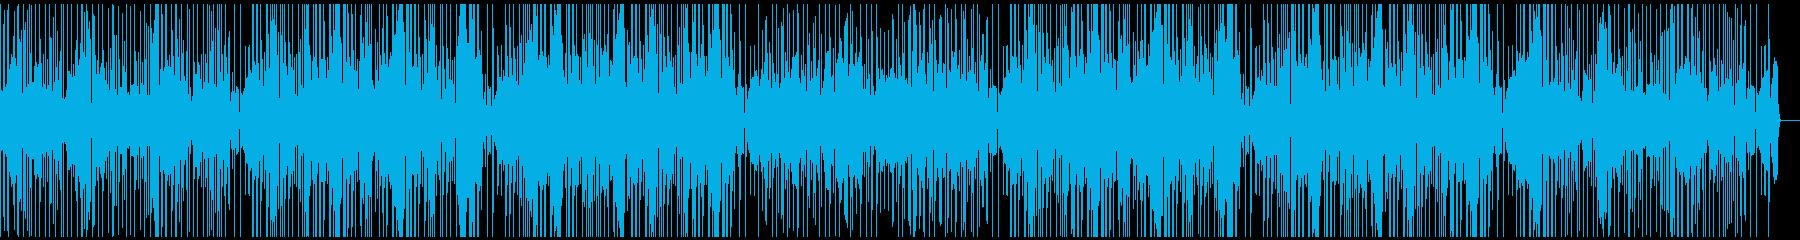 ドラムとベースがファンキーなBGMの再生済みの波形